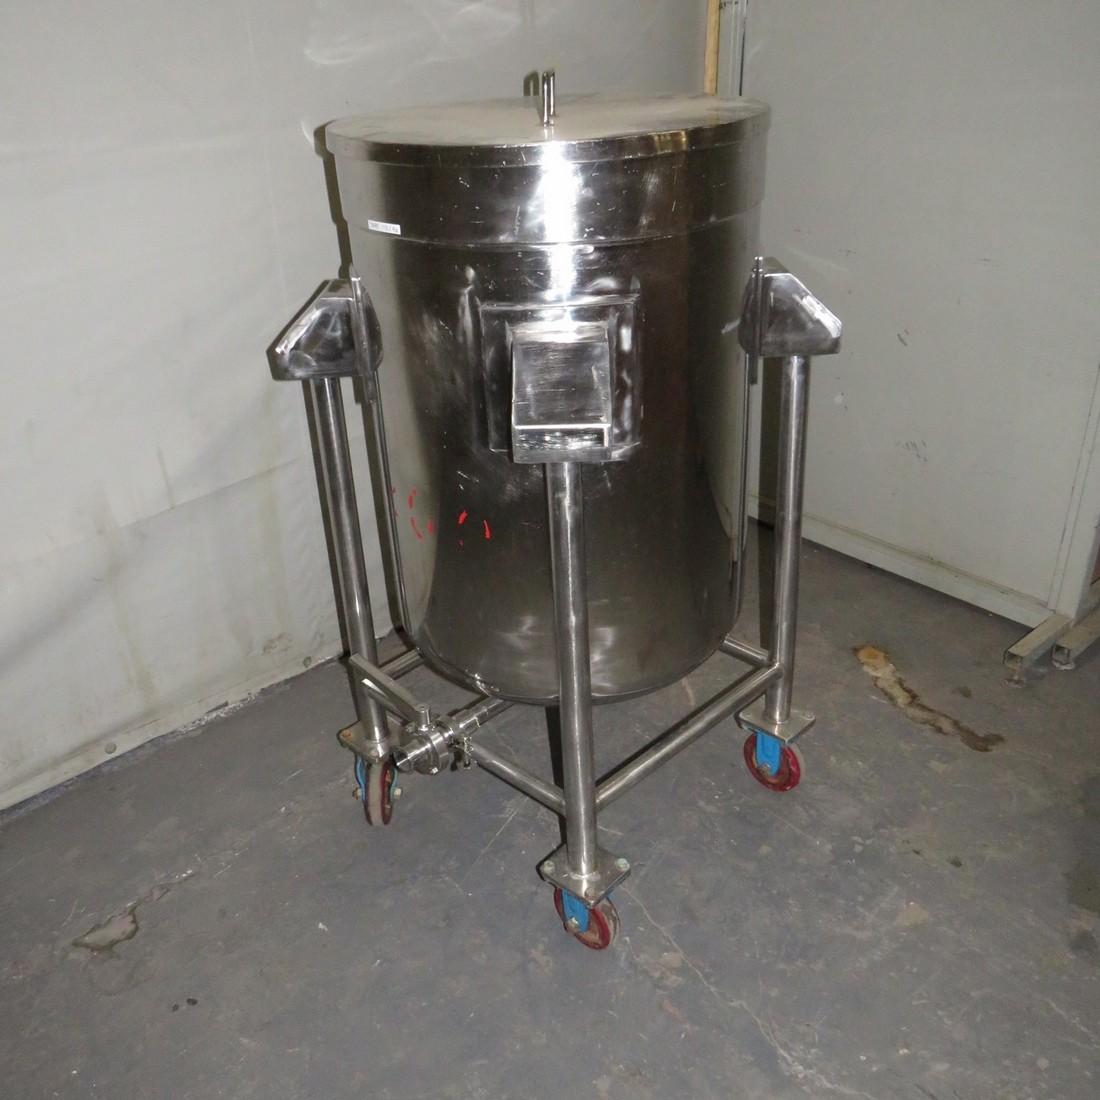 R11DB22717 Stainless steel vessel - 250 liters